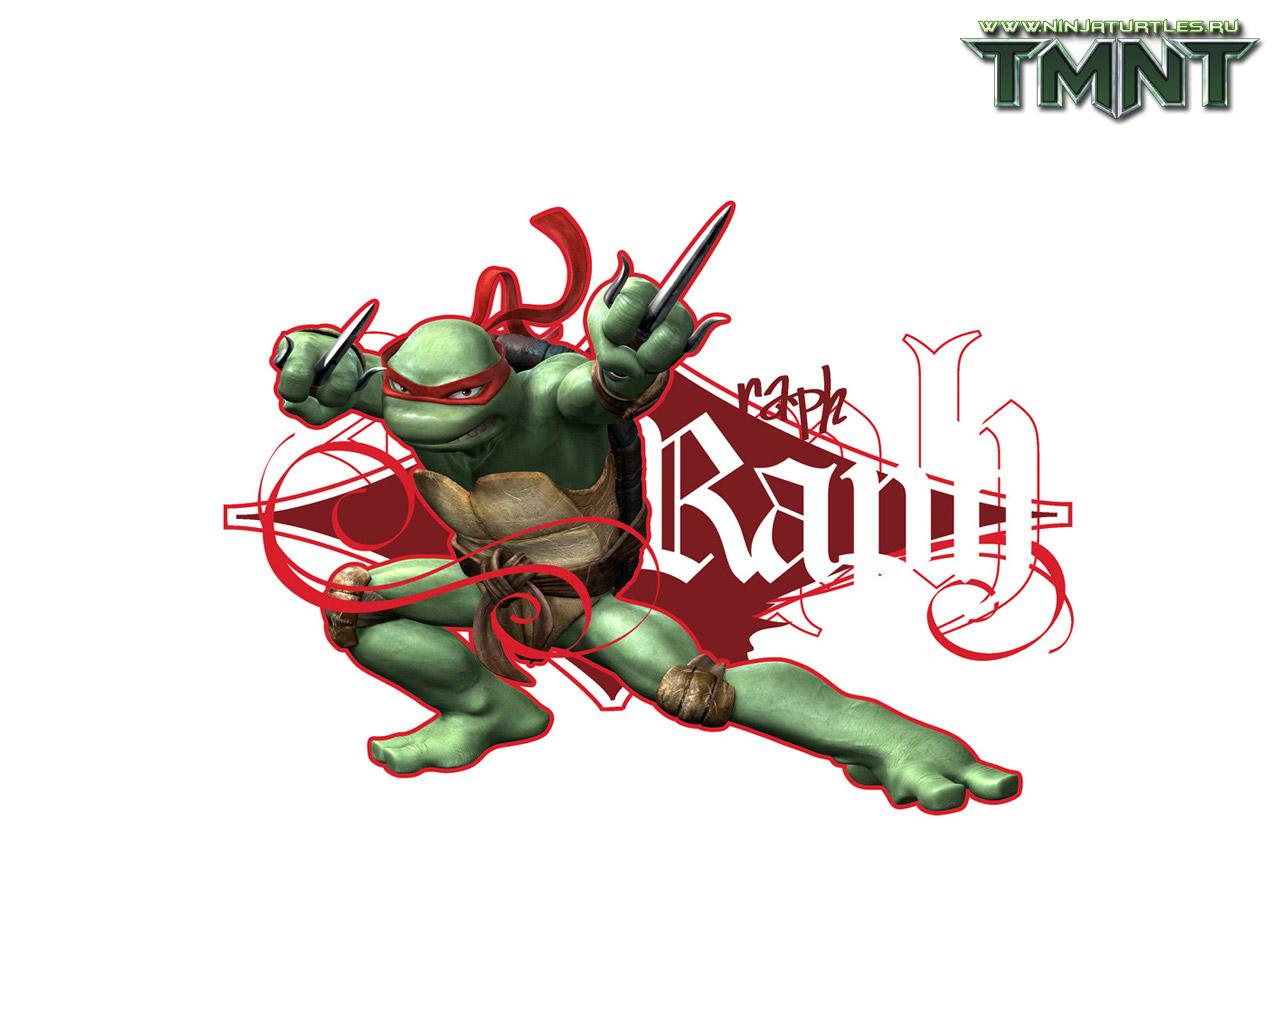 TMNT 2007 wallpaper (87)